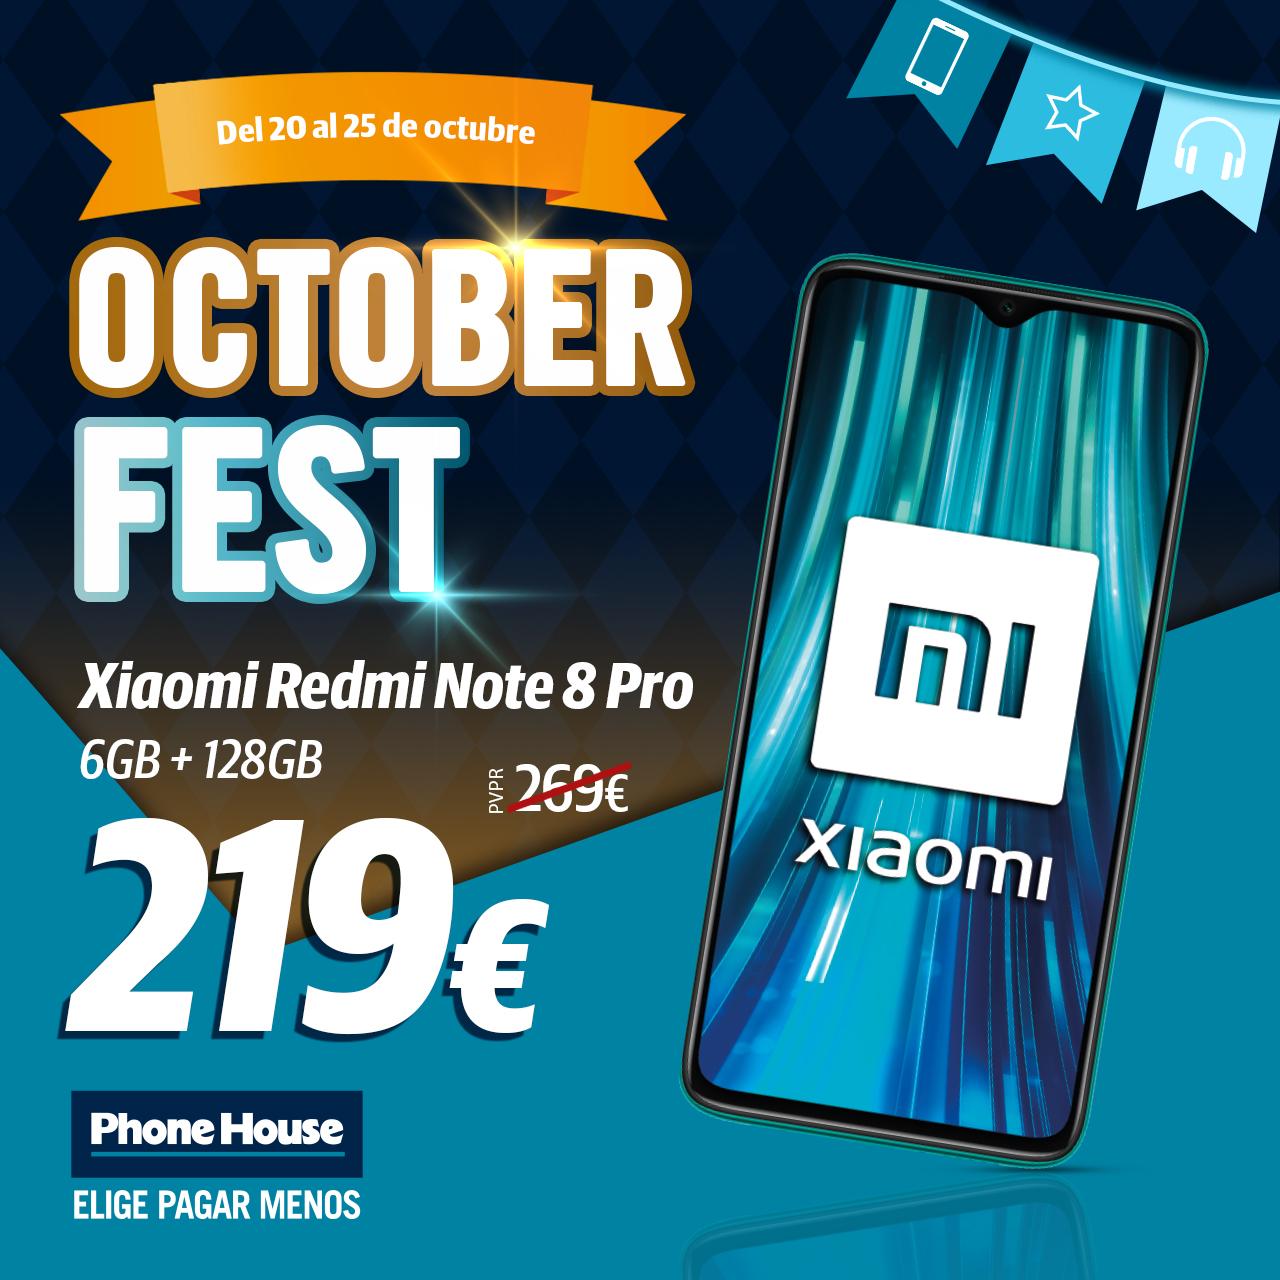 Rrss Destacados October Fest Prioridad2